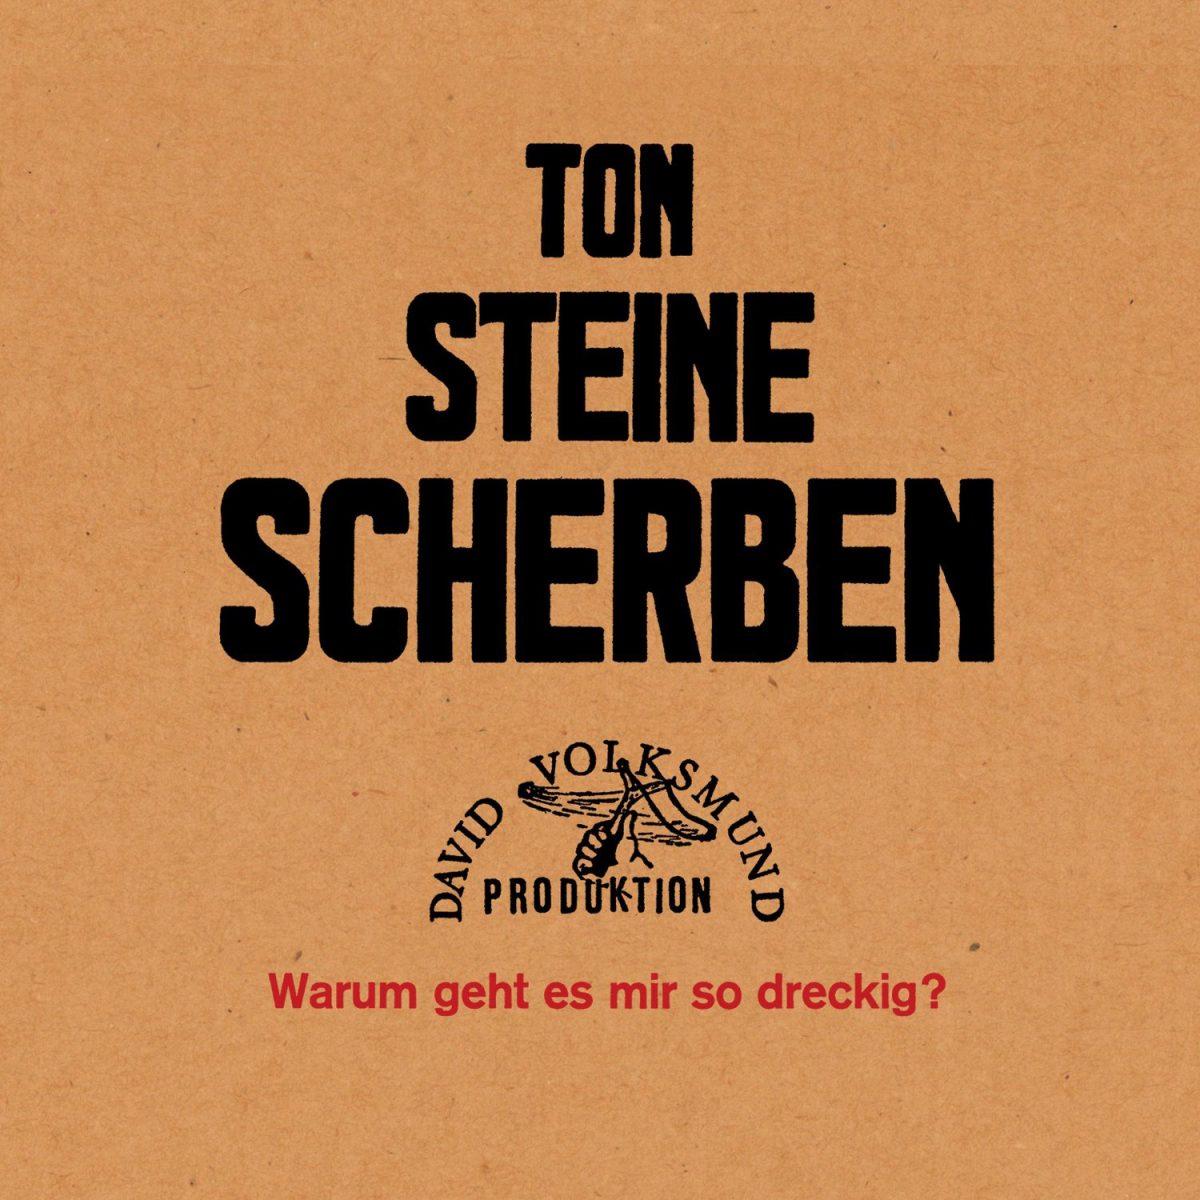 Ton Steine Scherben: Warum geht es mir so dreckig? (1971)